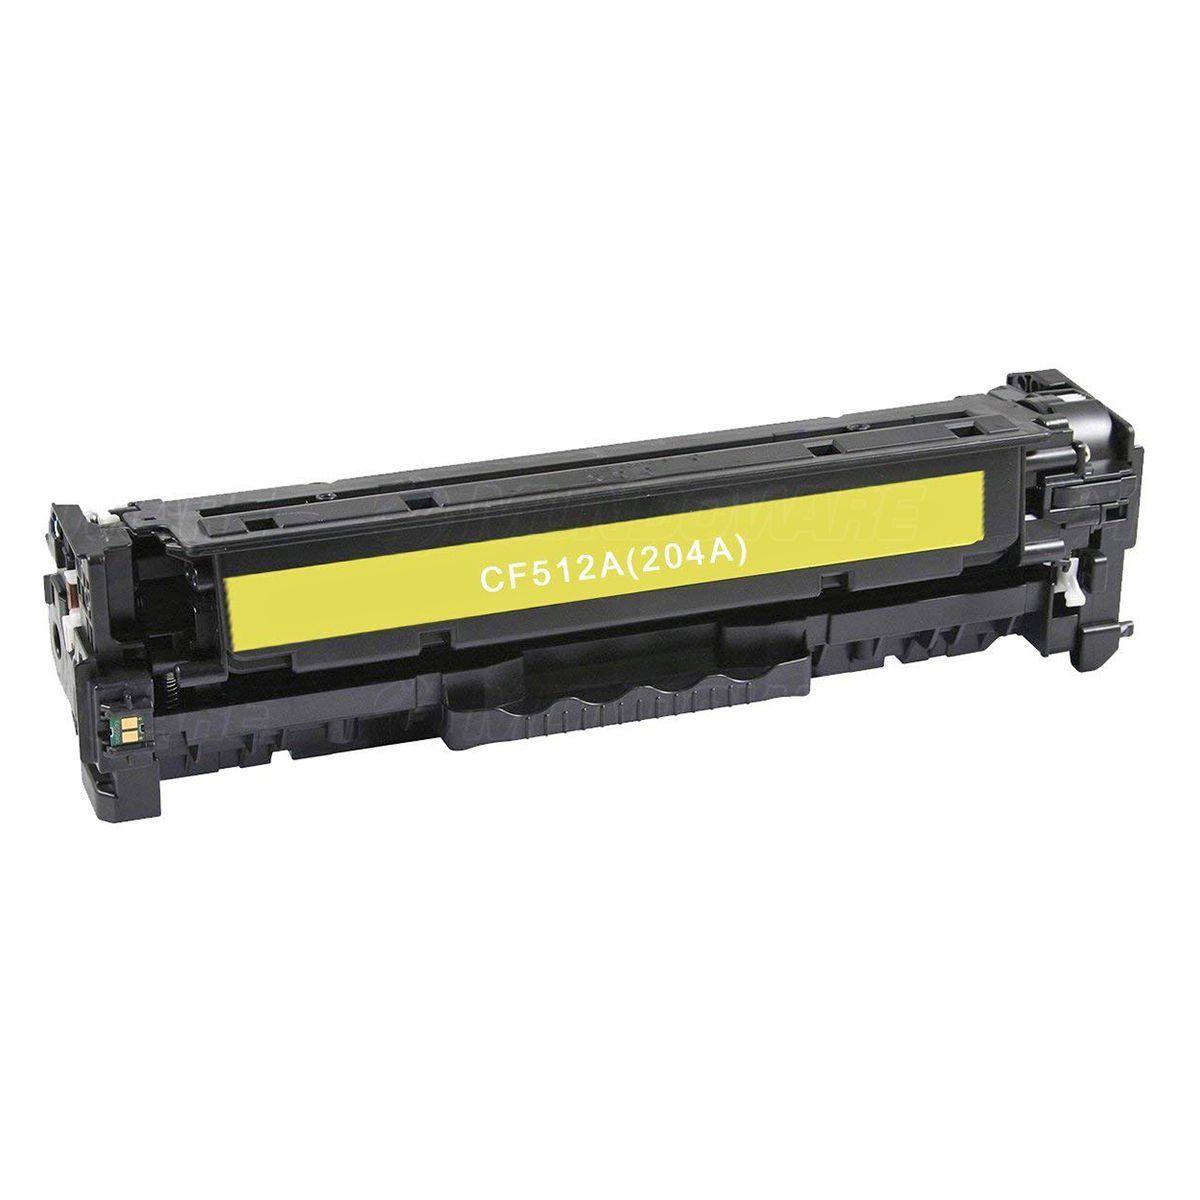 Compatível: Toner CF512A 204A para Impressora HP M181 M181fw M180n M180nw M154a M154nw 180nw 154nw / Amarelo / 900